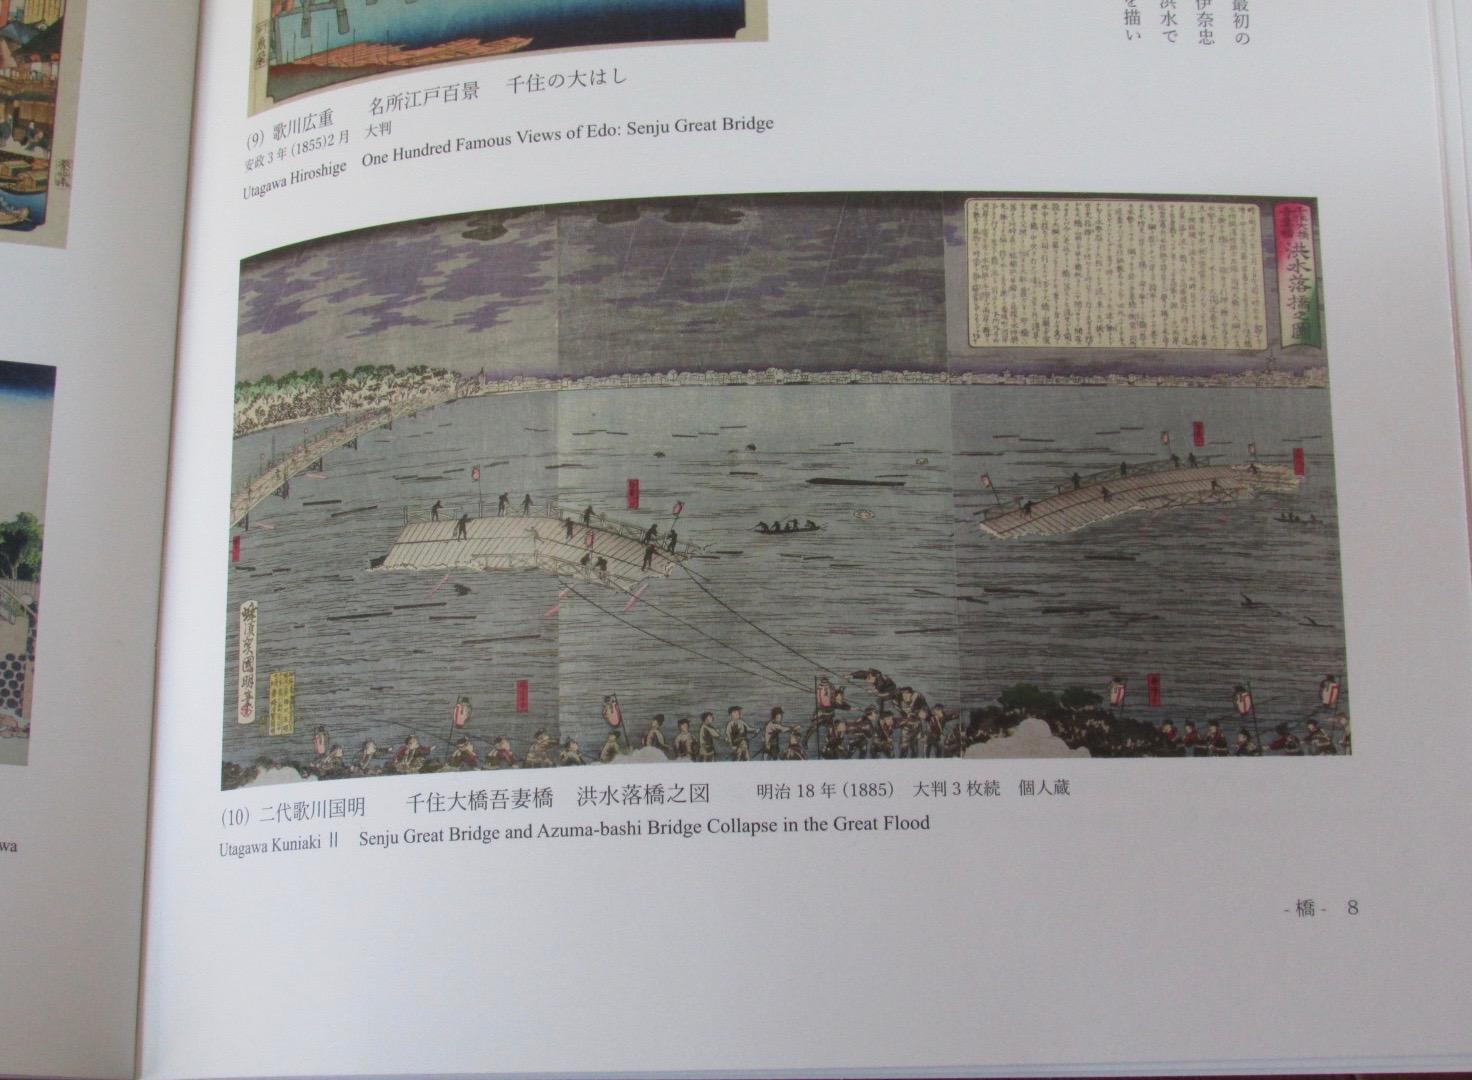 f:id:hiro-jp:20201029115553j:plain